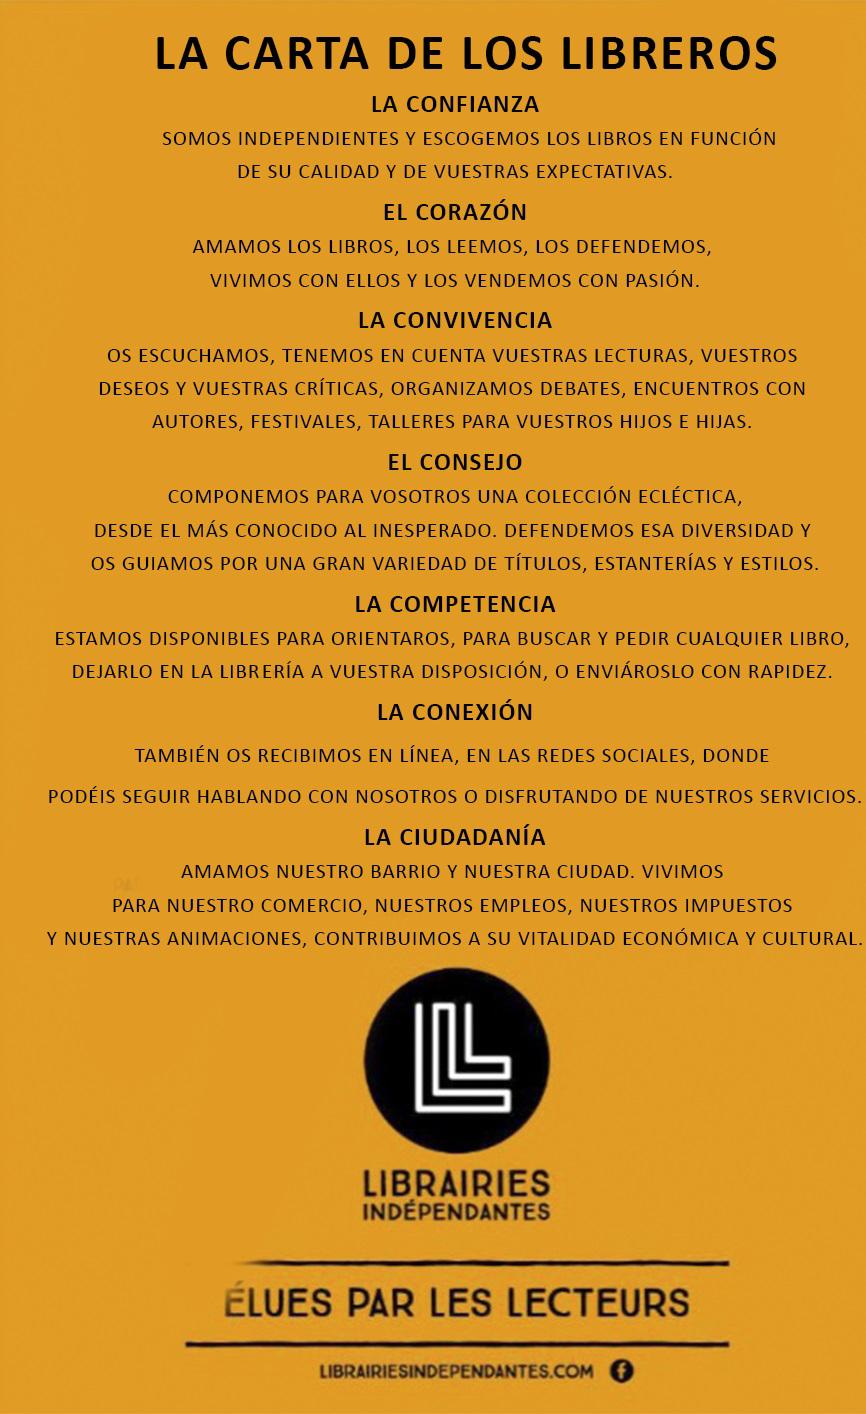 Manuel Ortuño, editor de Trama editorial se adhiere a la campaña Libreros independientes… los compañeros soñados. ¿Te unes?